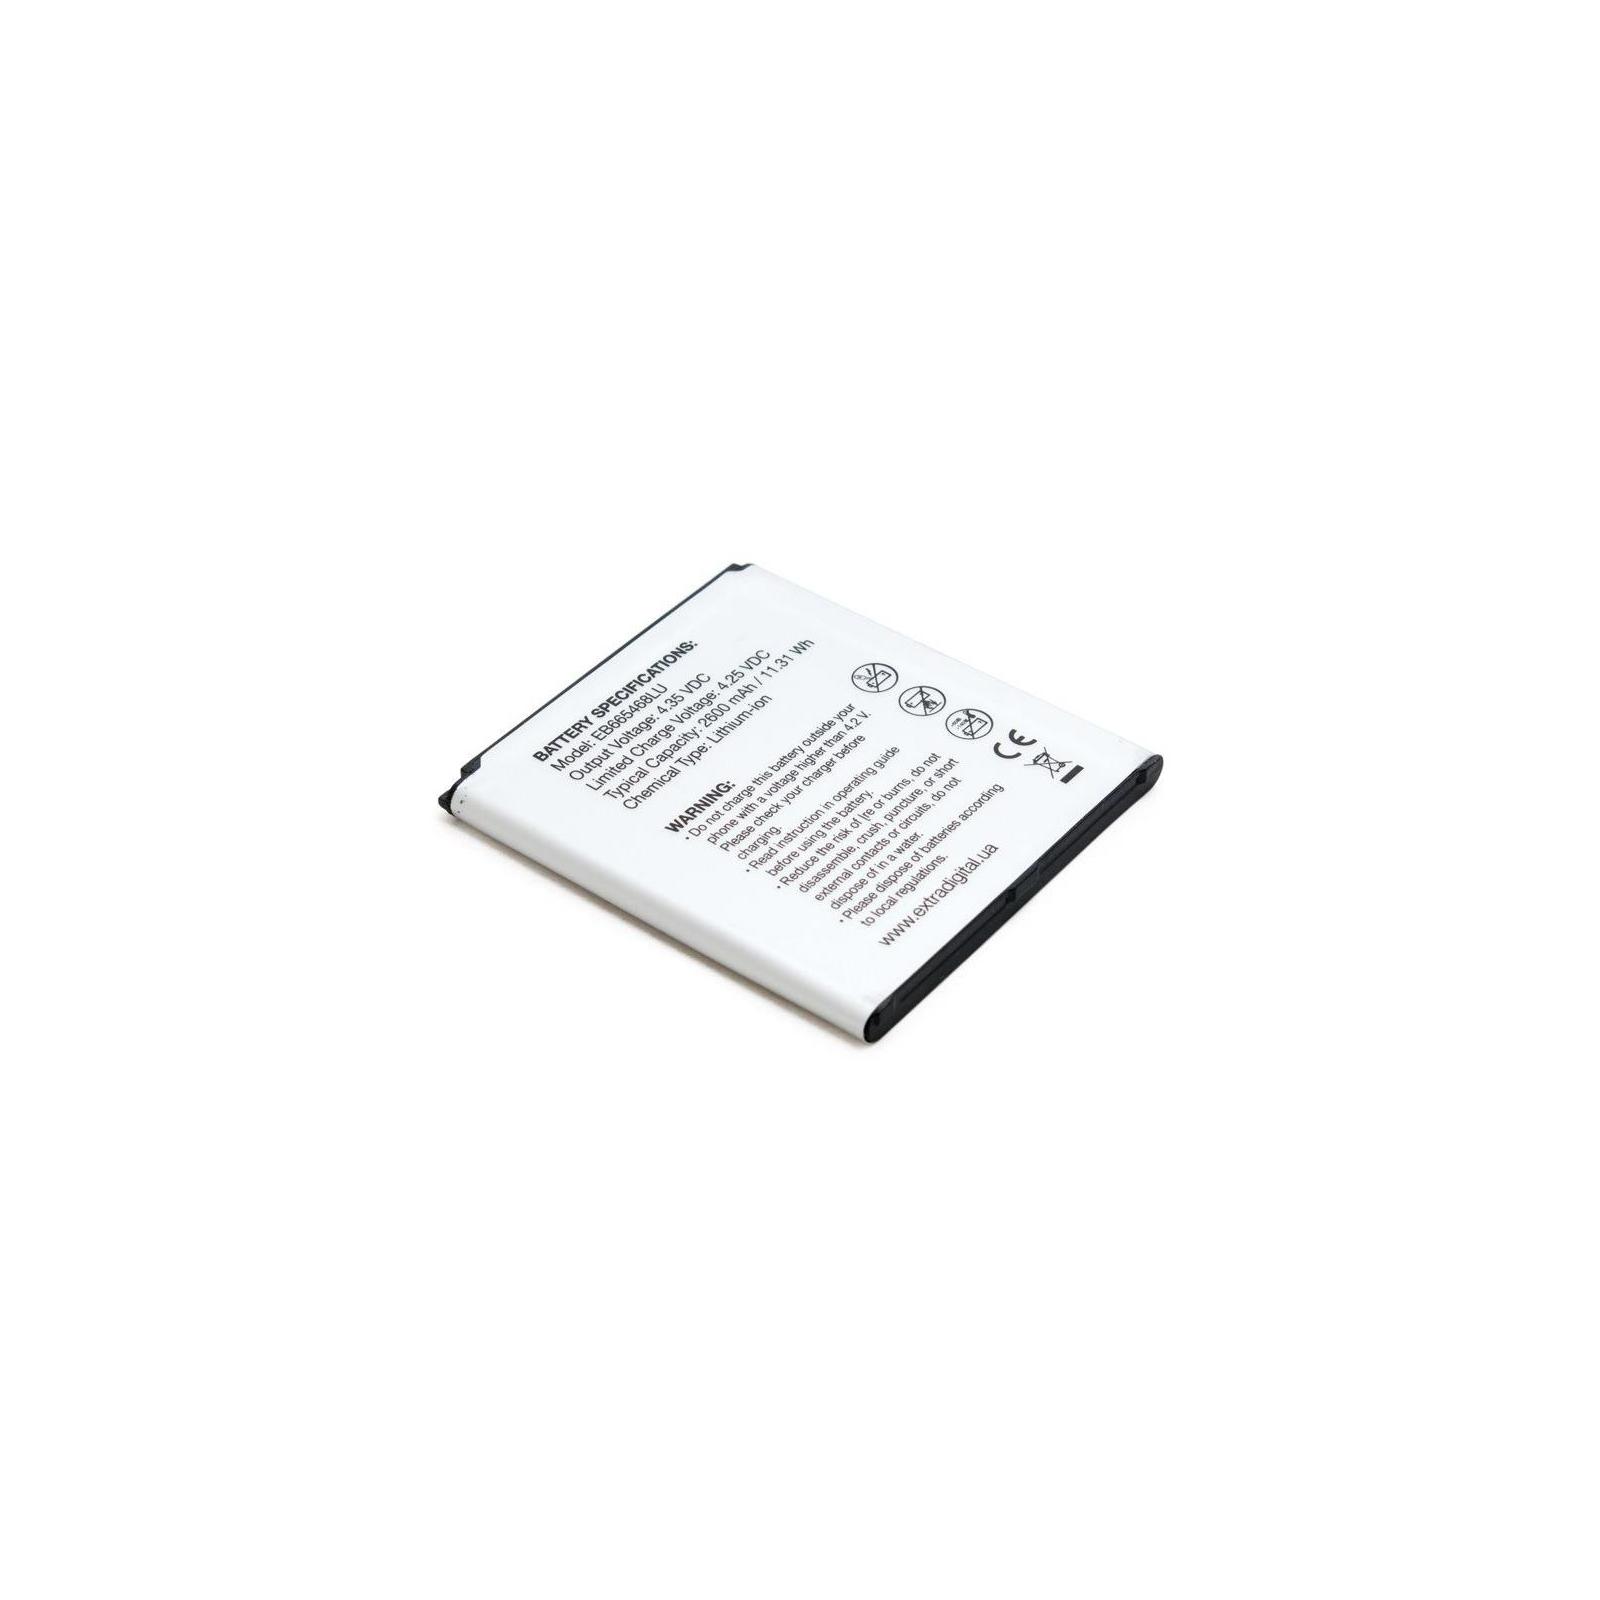 Аккумуляторная батарея EXTRADIGITAL Samsung Galaxy Grand 2 Duos G7102 (2600 mAh, EB665468LU) (BMS6417) изображение 5